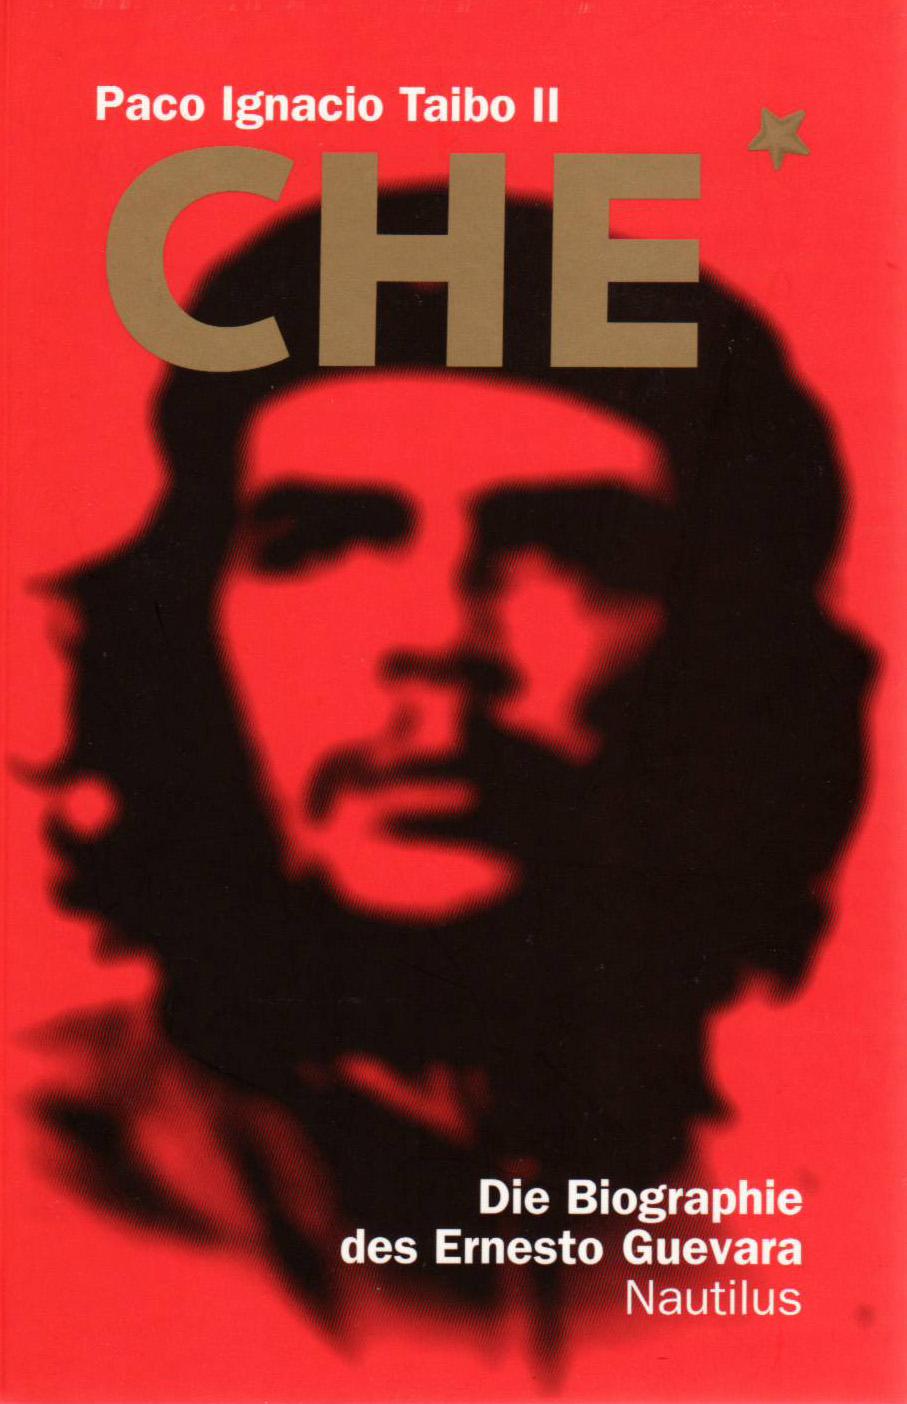 CHE - Die Biografie des Ernesto Guevara